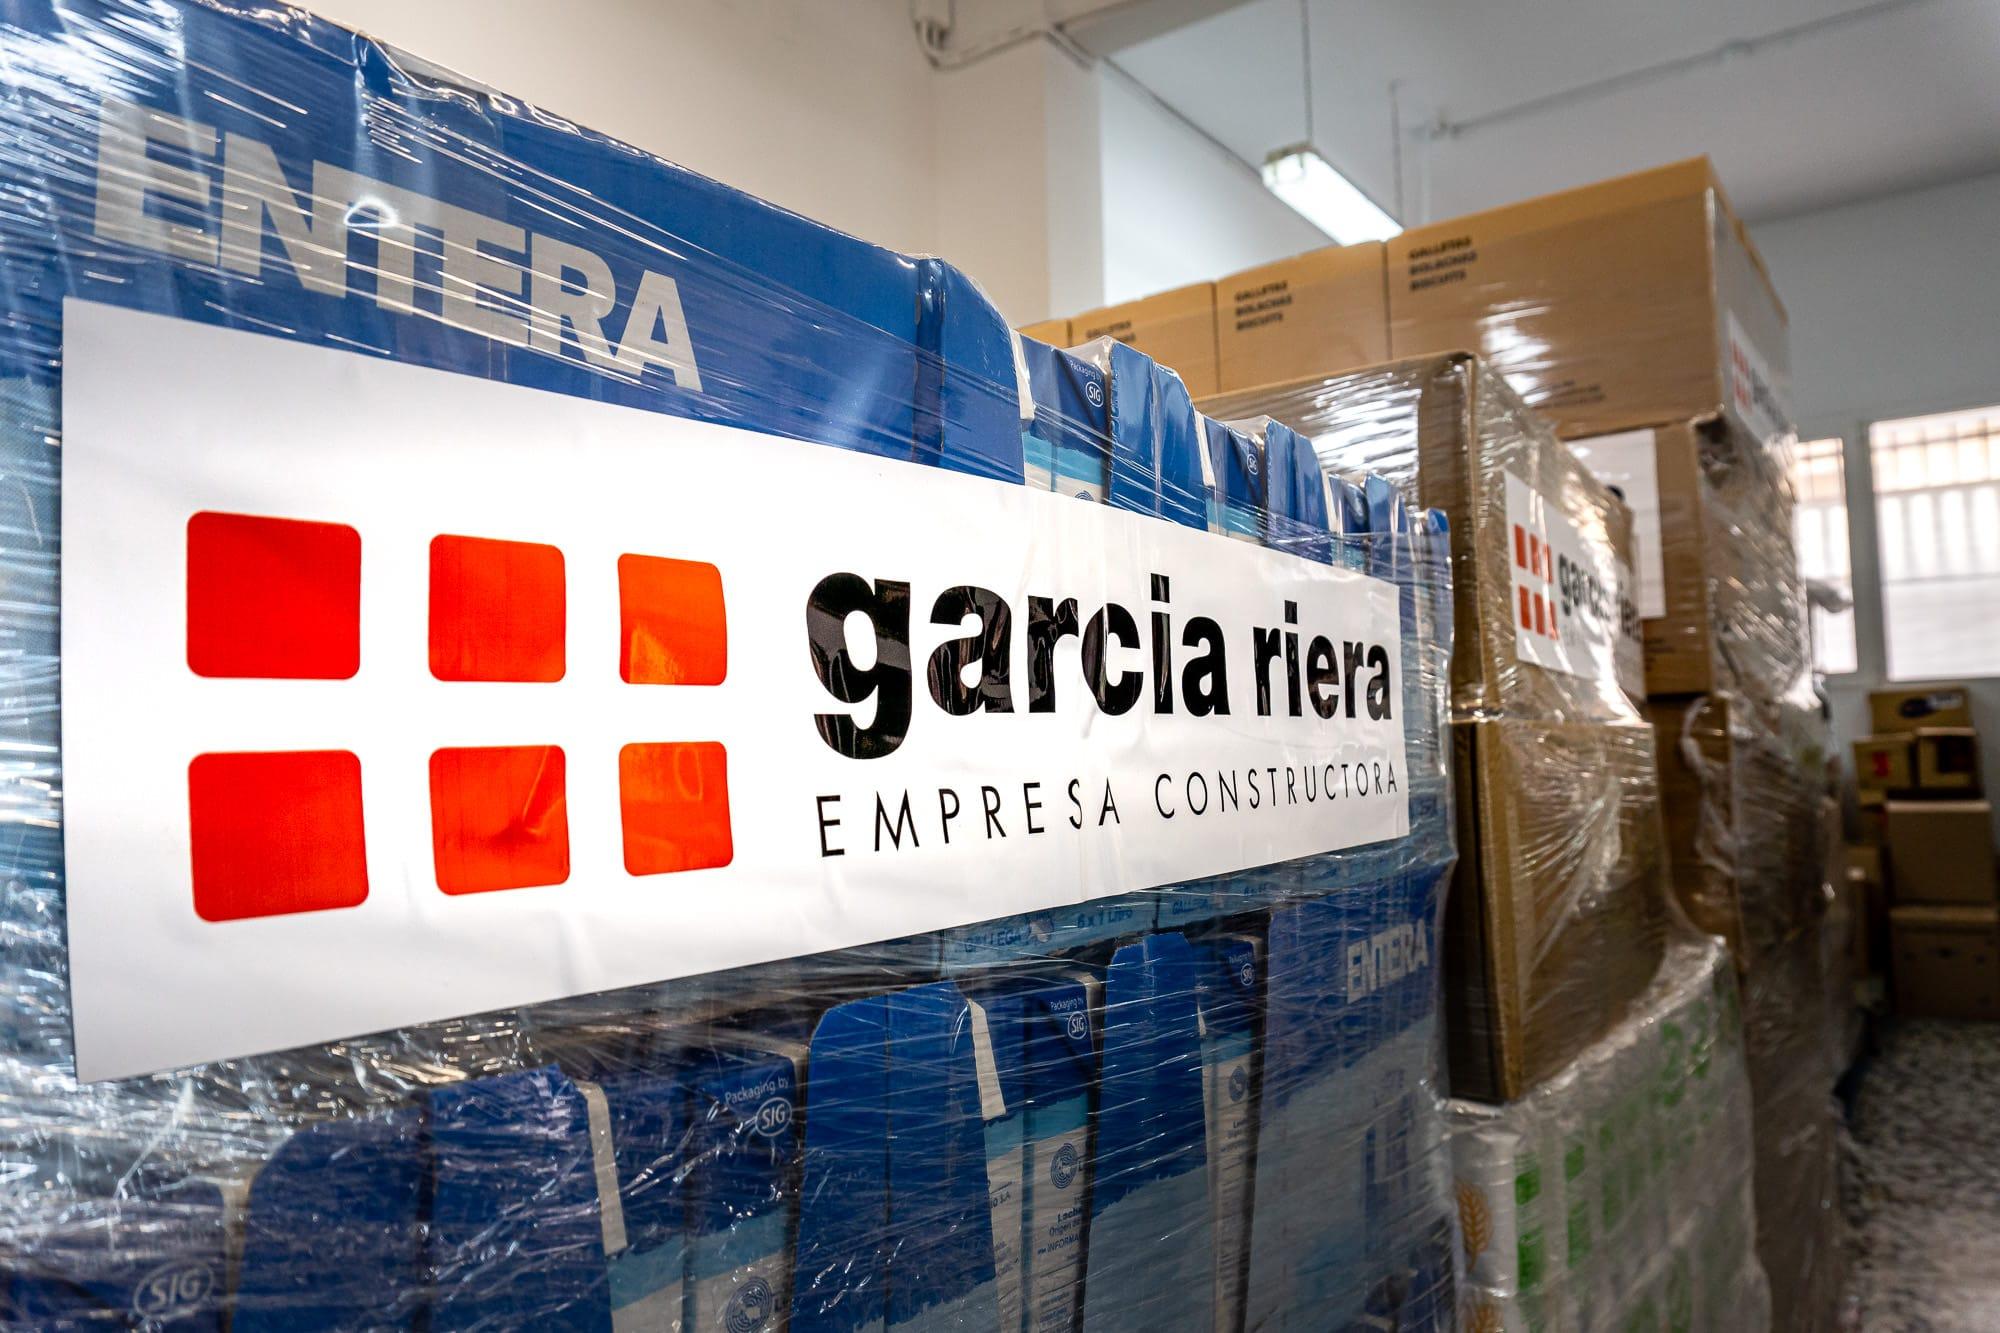 garcia riera dona 3 tones aliments banc aliments ajuntament vila-seca